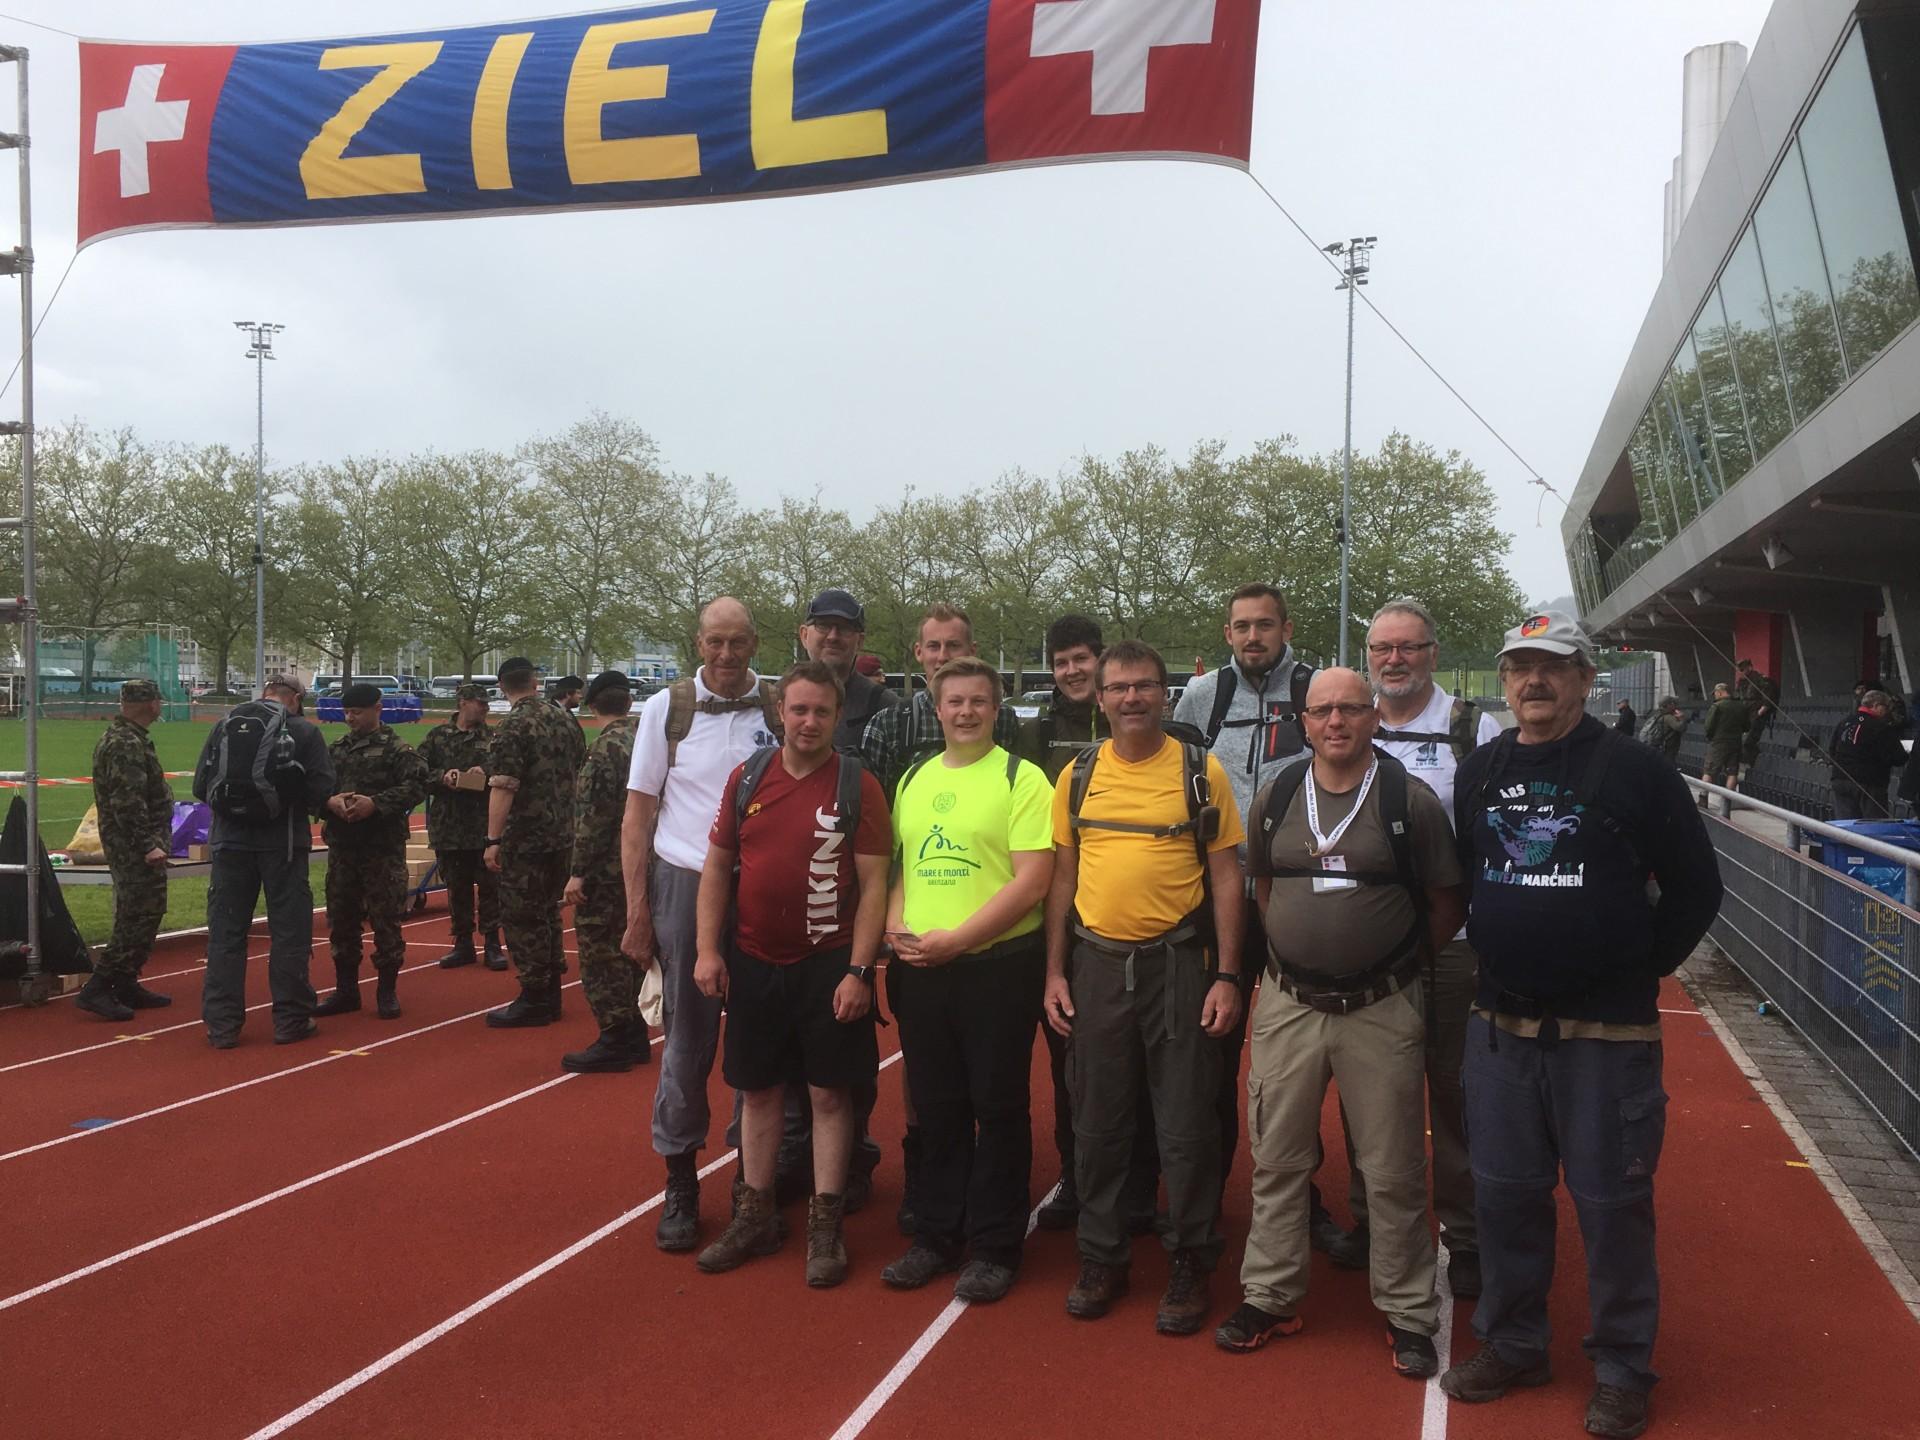 Gruppenfoto mit allen Teilnehmern im Leichtathletikstation Wankdorf